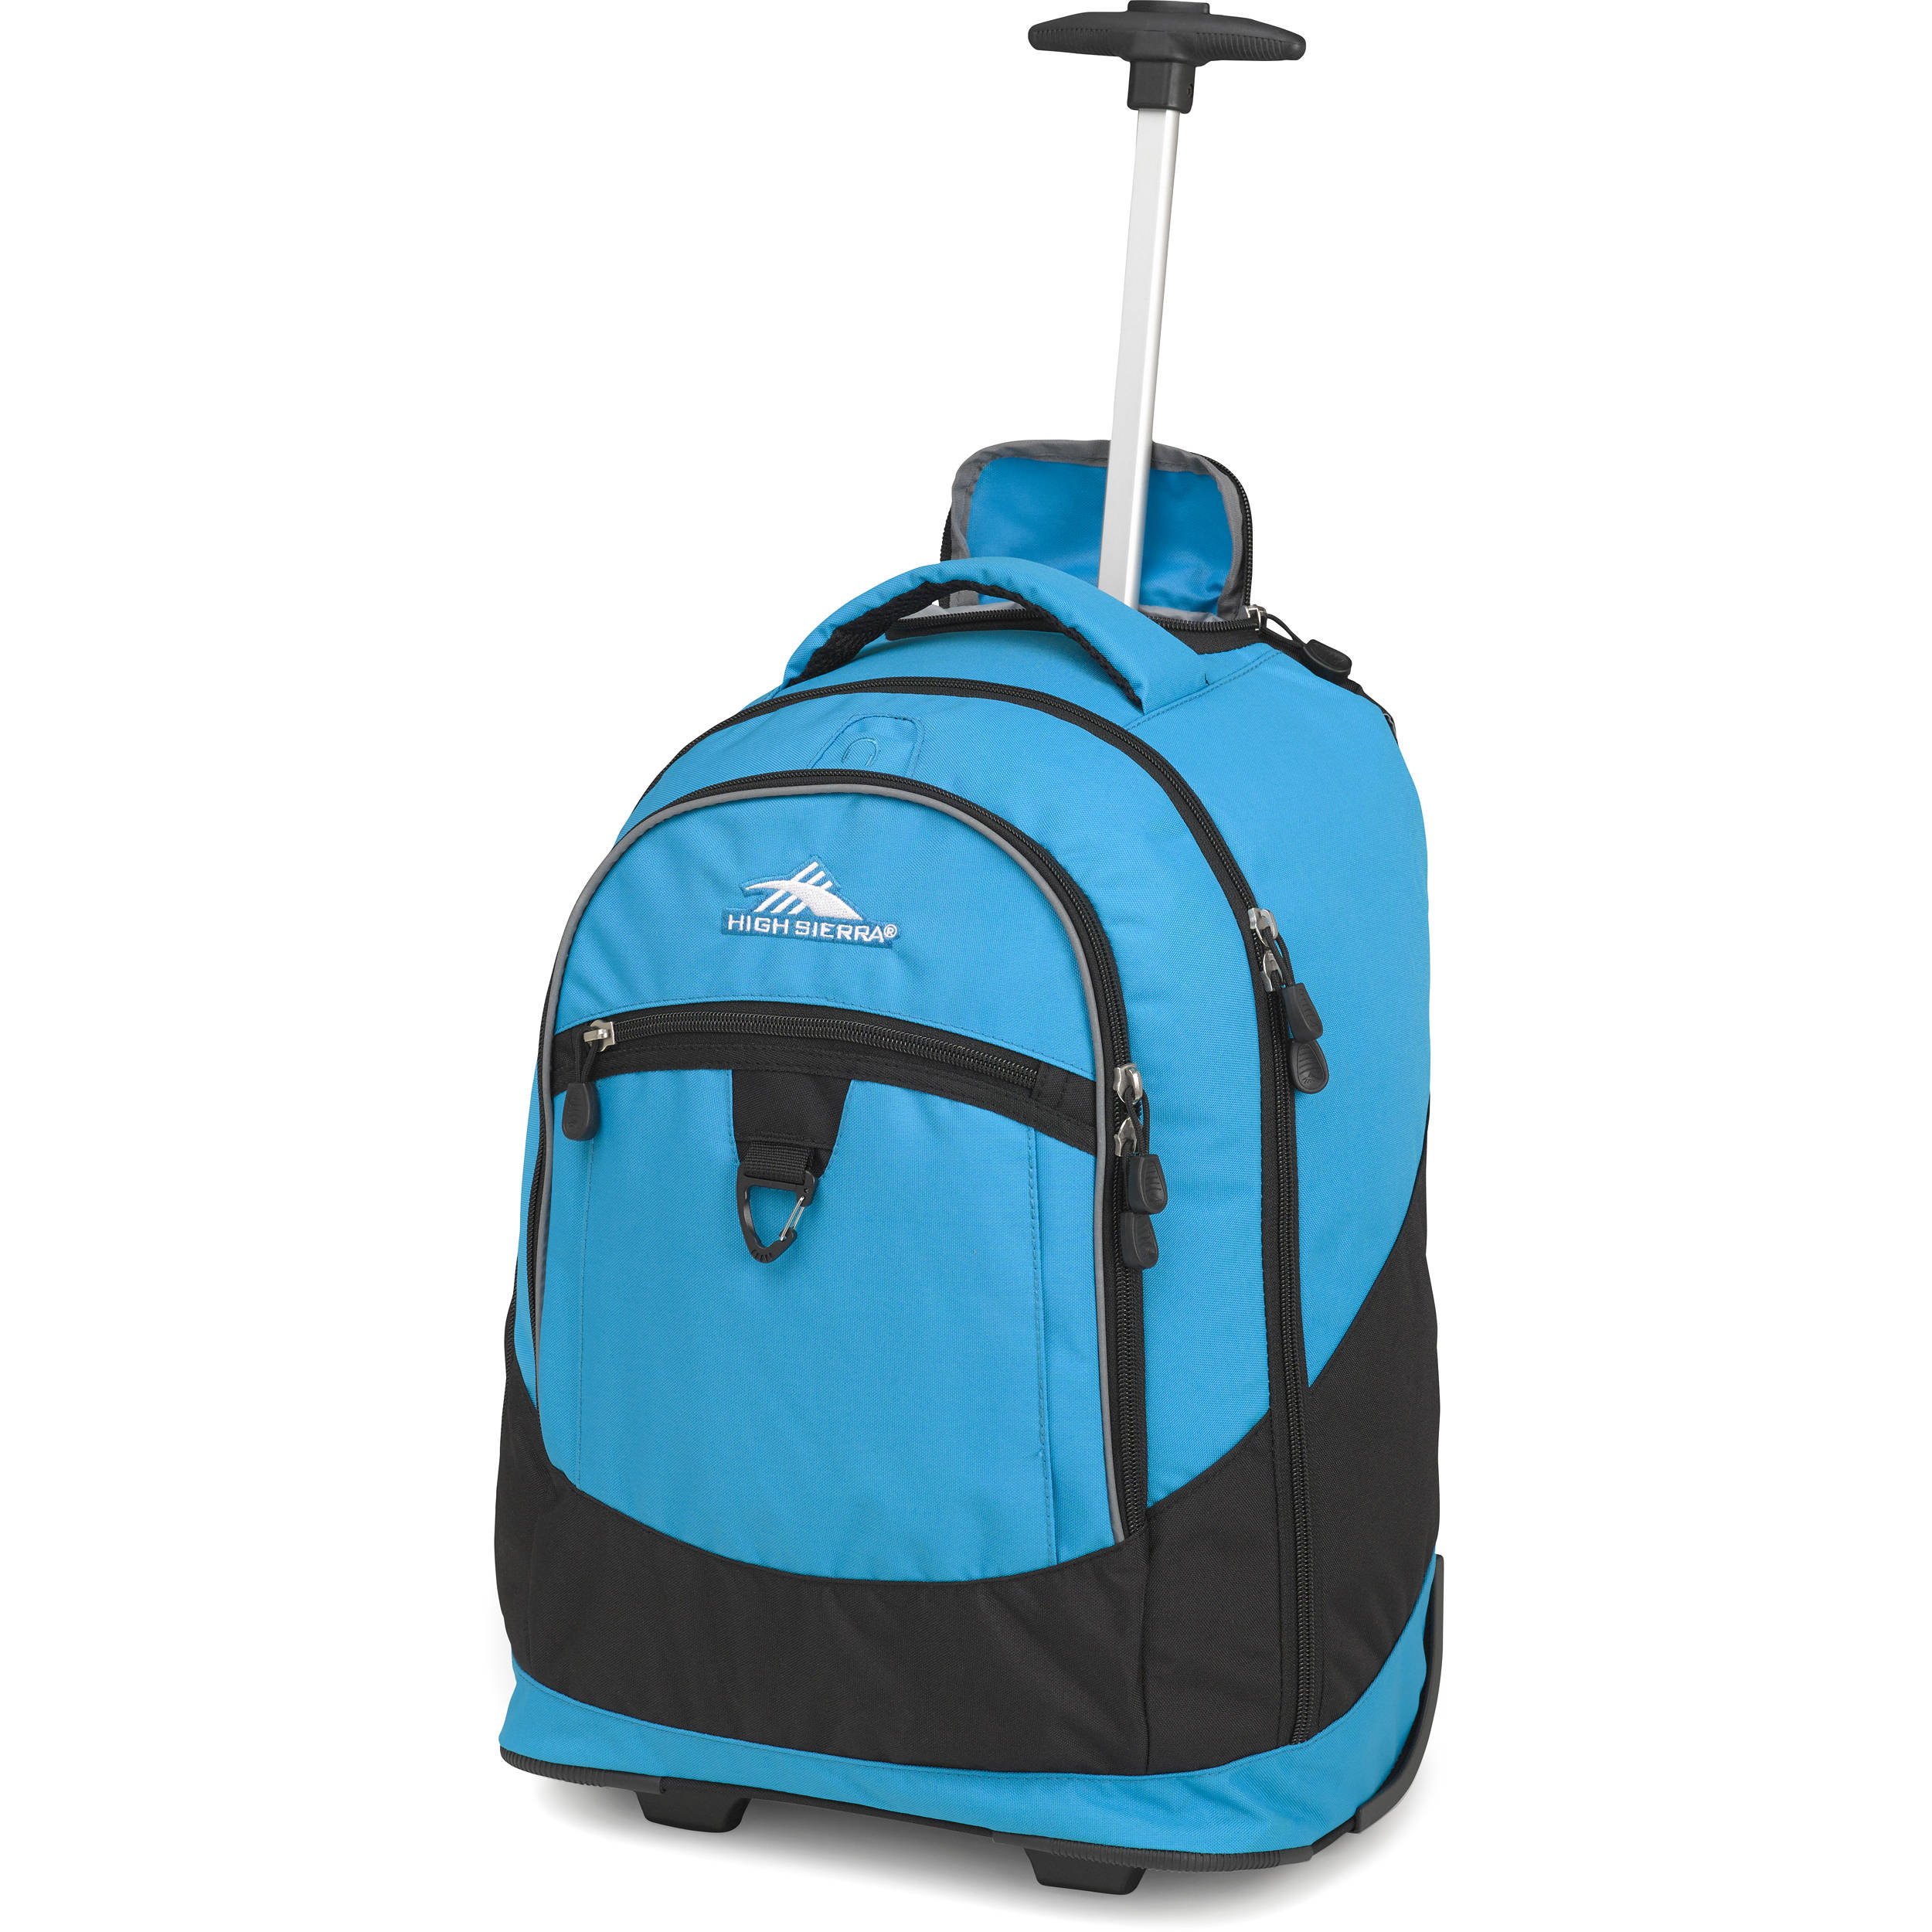 High Sierra Chaser Wheeled Backpack Pool Black